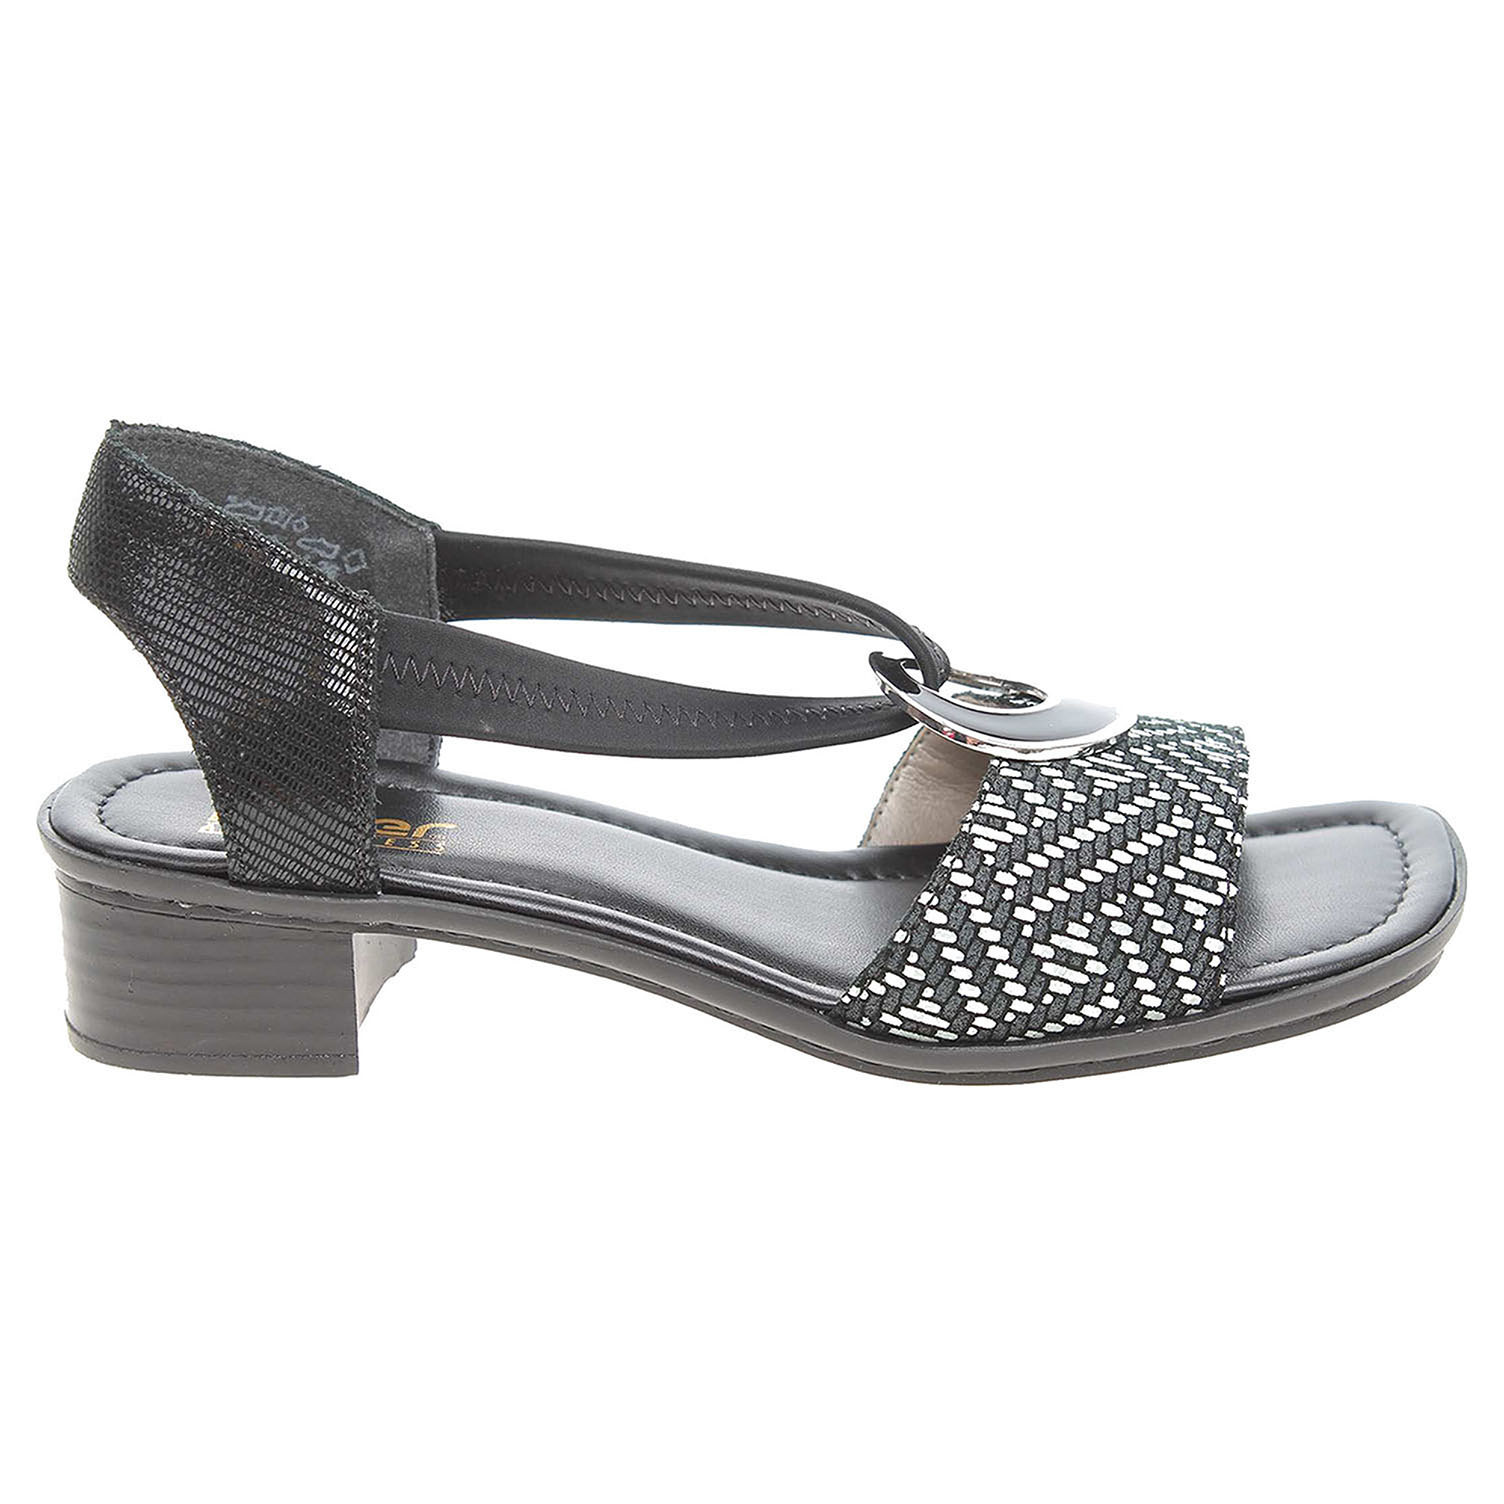 Ecco Rieker dámské sandály 62689-00 černé 23801104